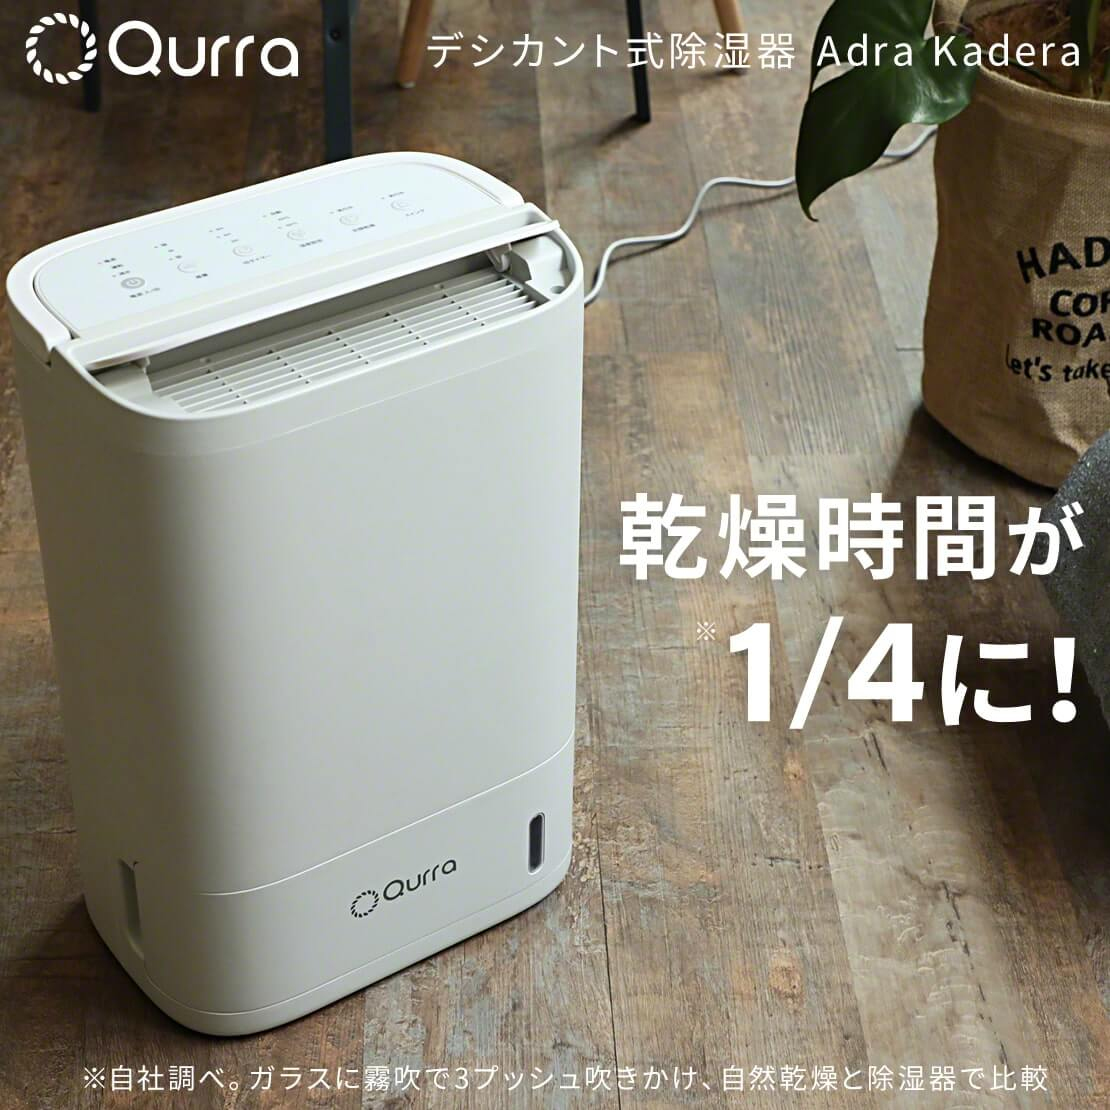 Qurra デシカント式除湿器 Adra Kadera(アドラ カデラ)